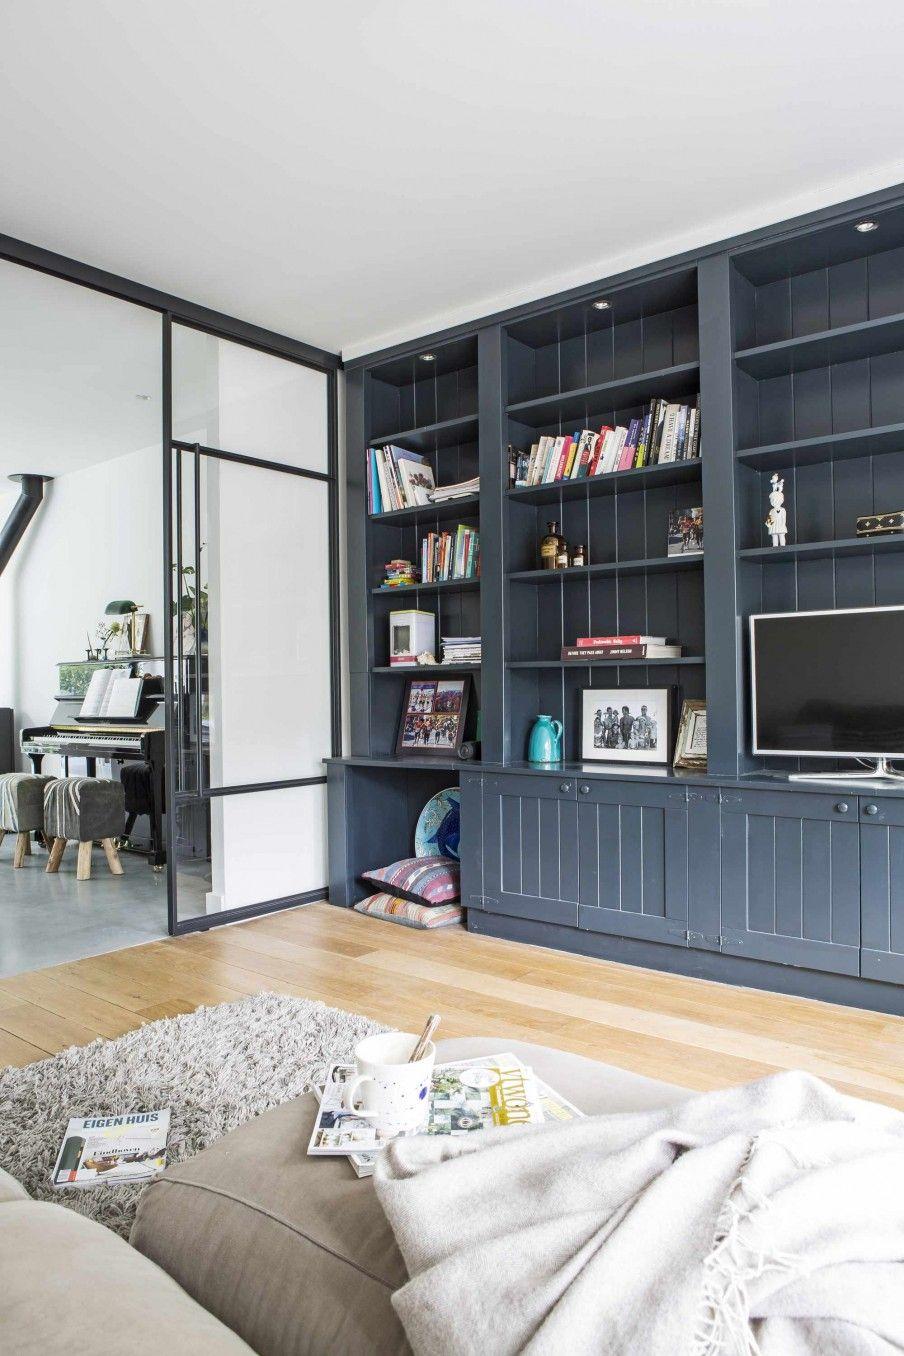 woonkamer met houten vloer en grote boekenkast living room with wooden floor and big bookcase vtwonen 12 2017 fotografie henny van belkom